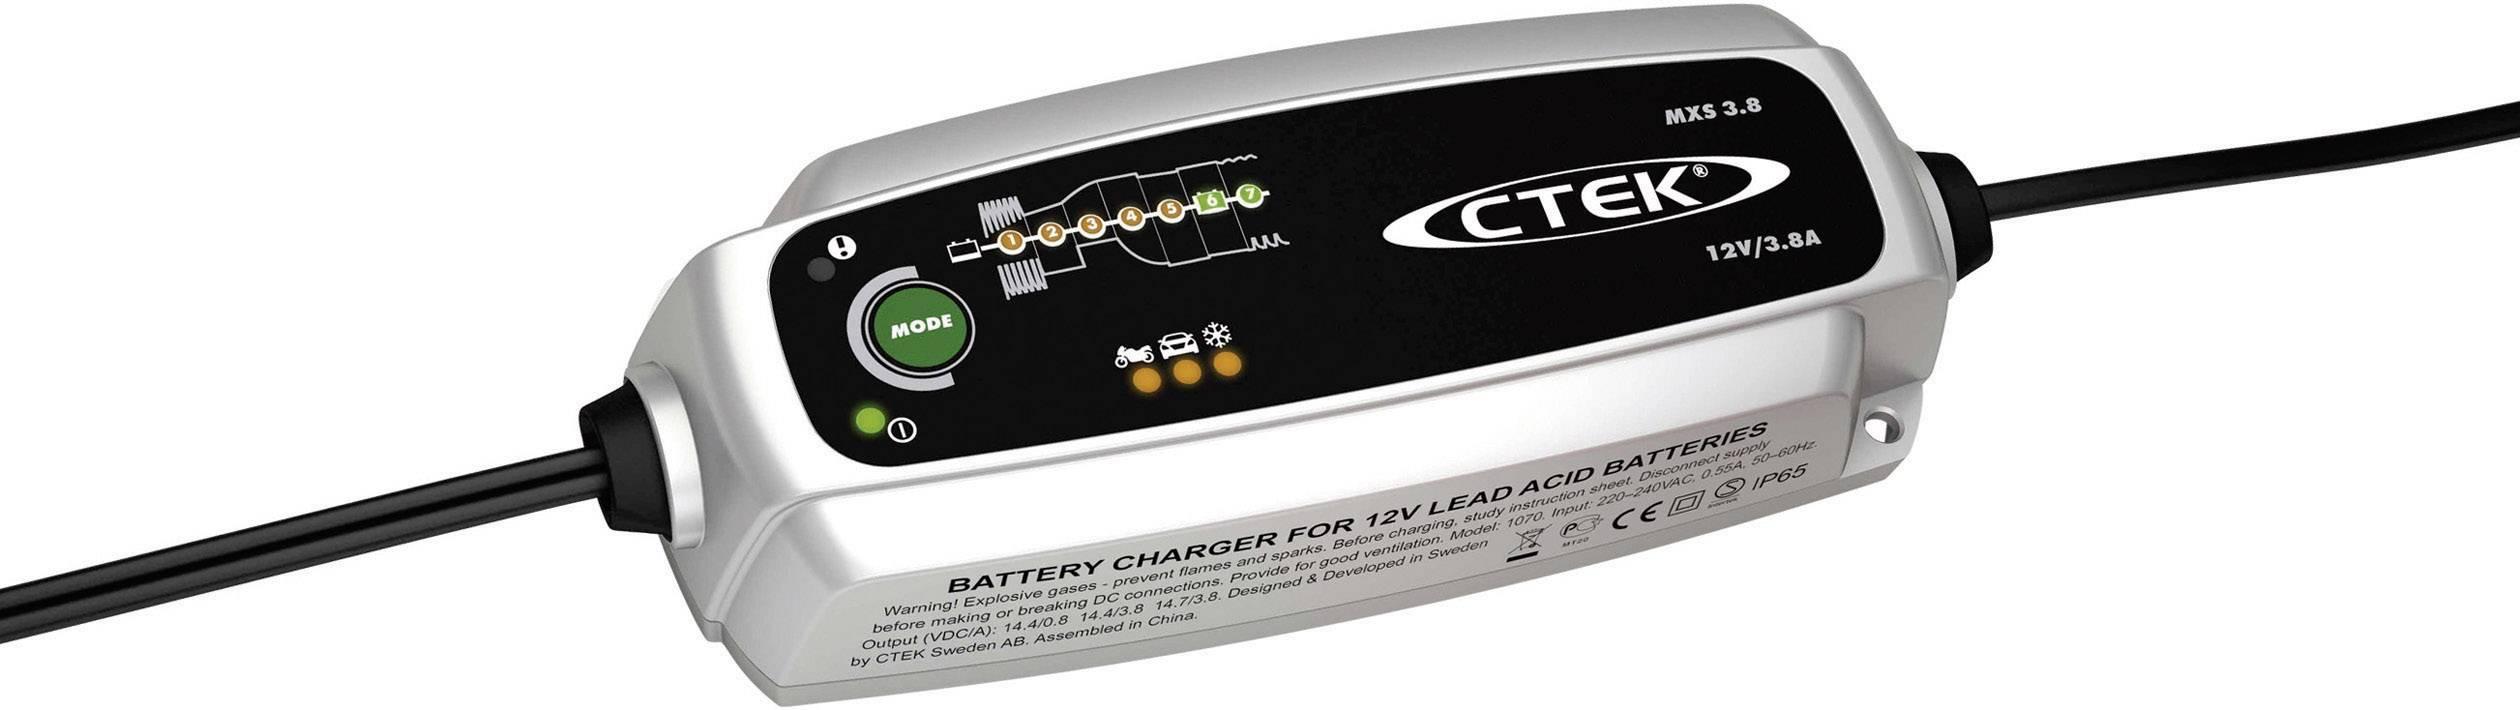 Automatická nabíječka autobaterií CTEK XS 3.8, 3,8 A, 12 V